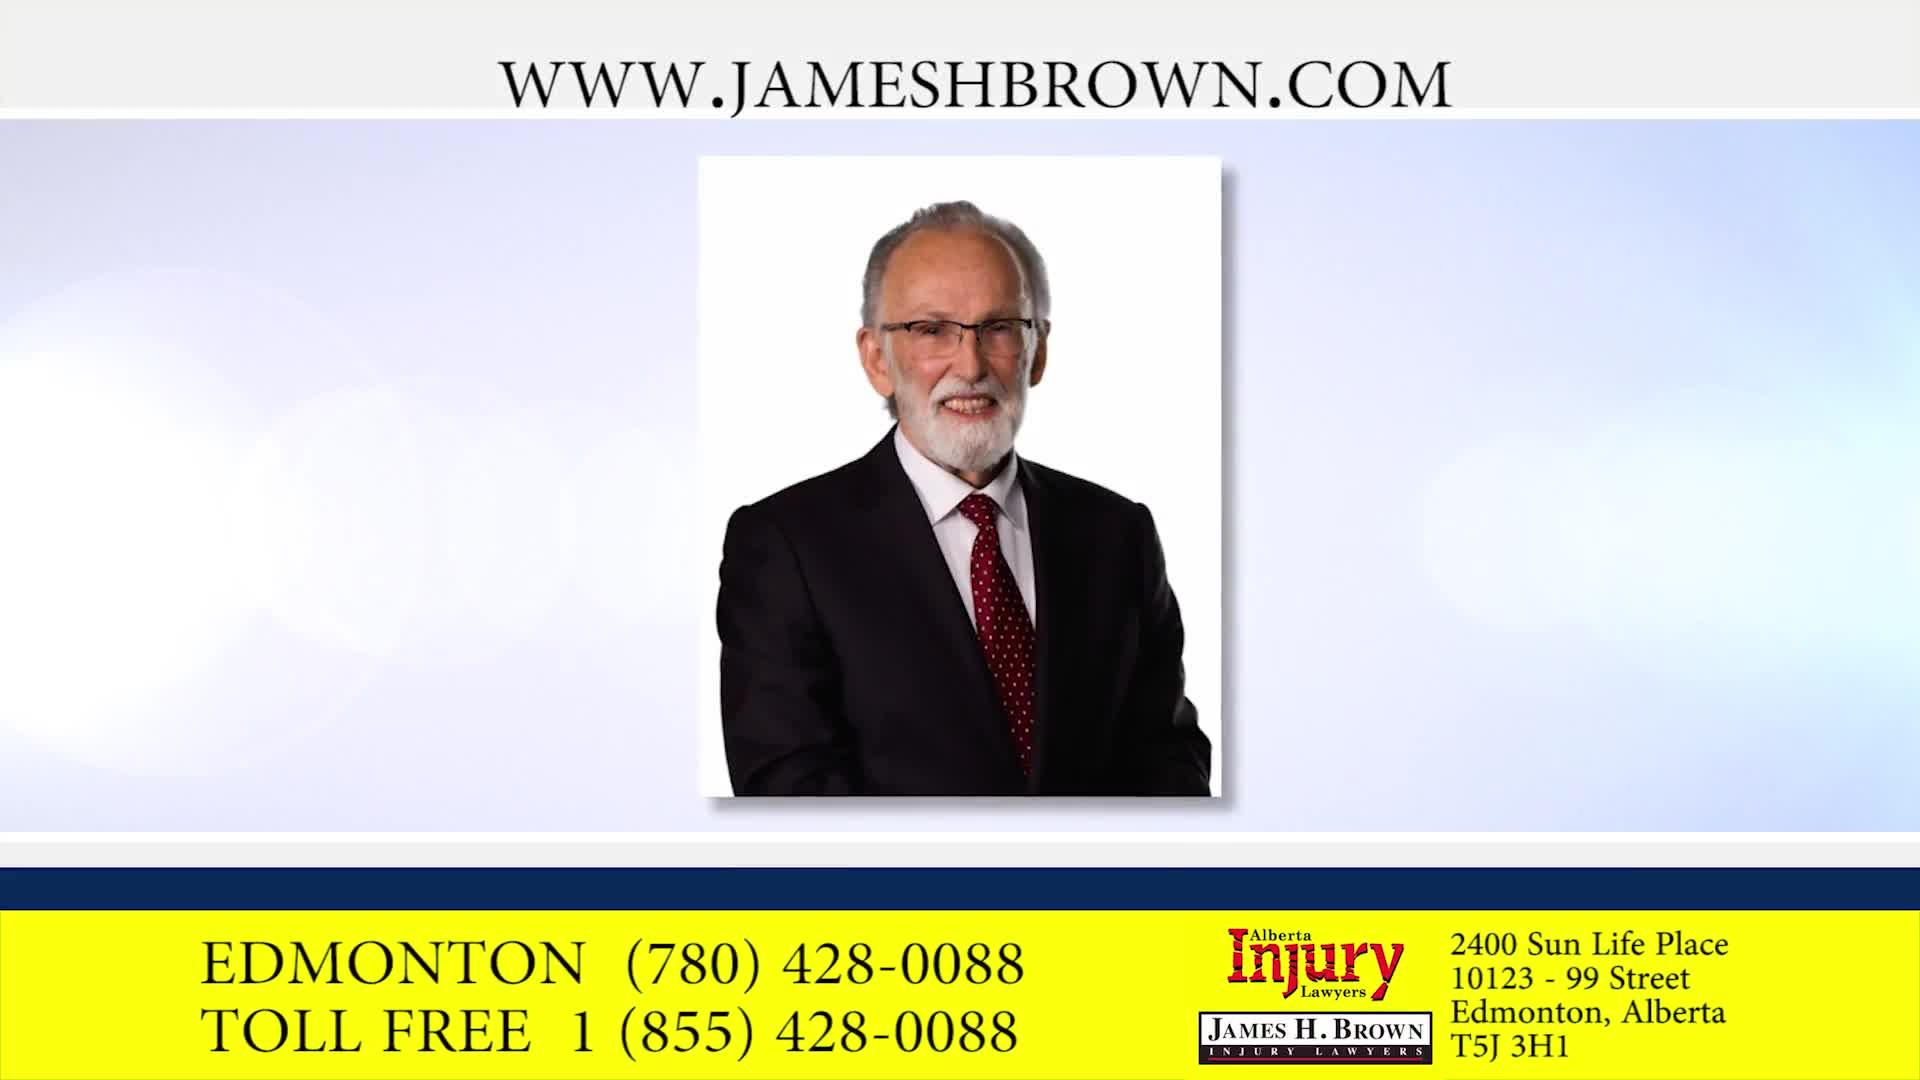 Alberta Injury Lawyers - Personal Injury Lawyers - 1-844-280-7059